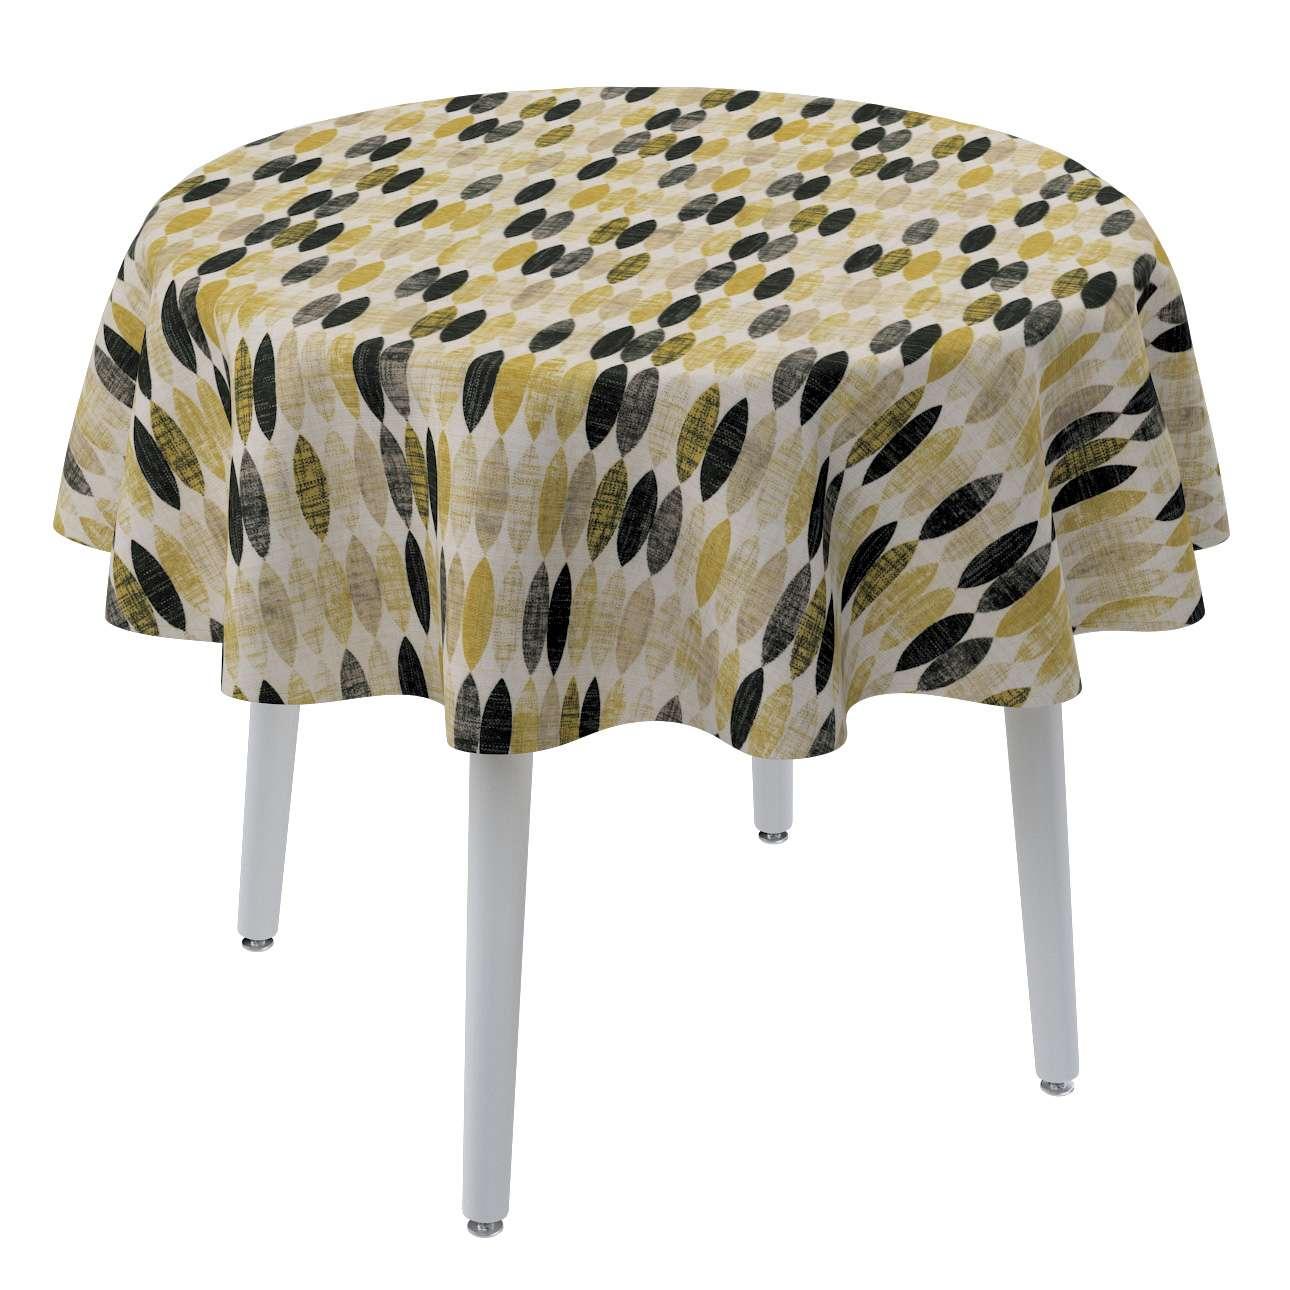 Runde Tischdecke von der Kollektion Modern, Stoff: 142-99